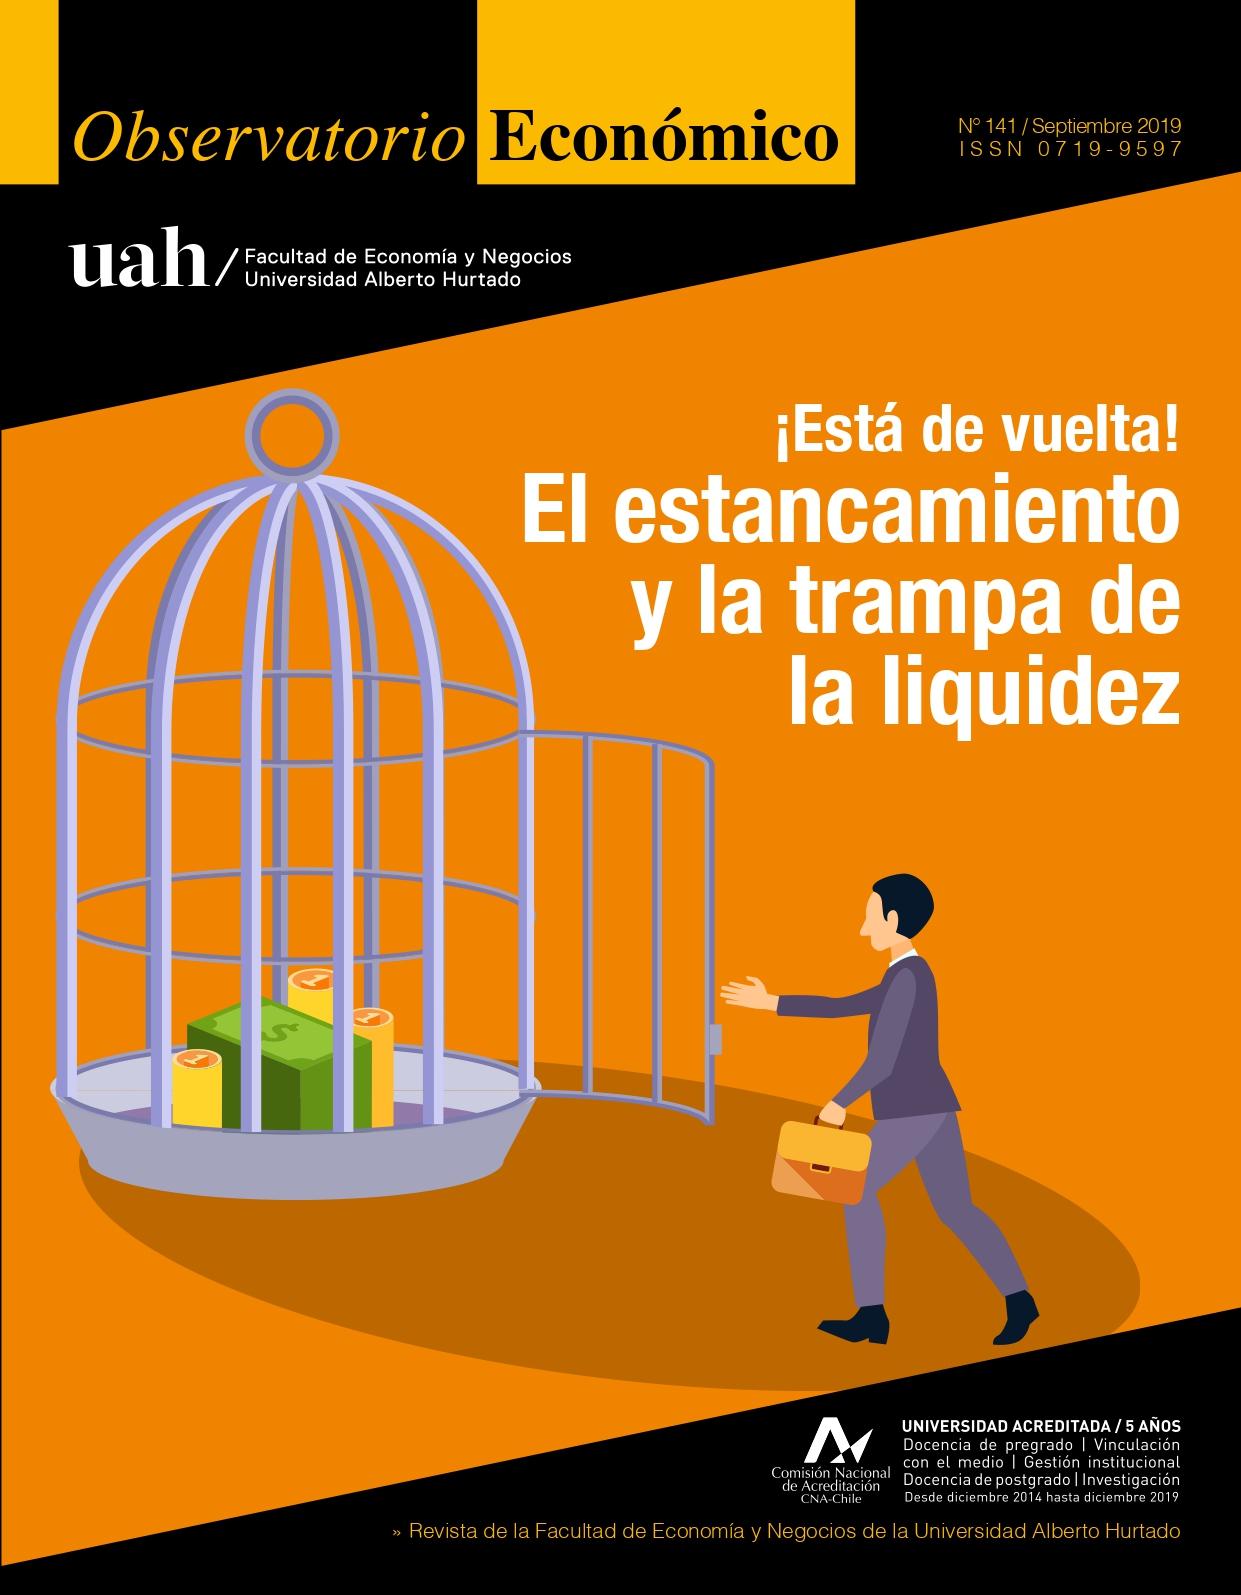 """Título del número de la revista : """"¡Está de vuelta! : El estancamiento y la trampa de la liquidez"""""""